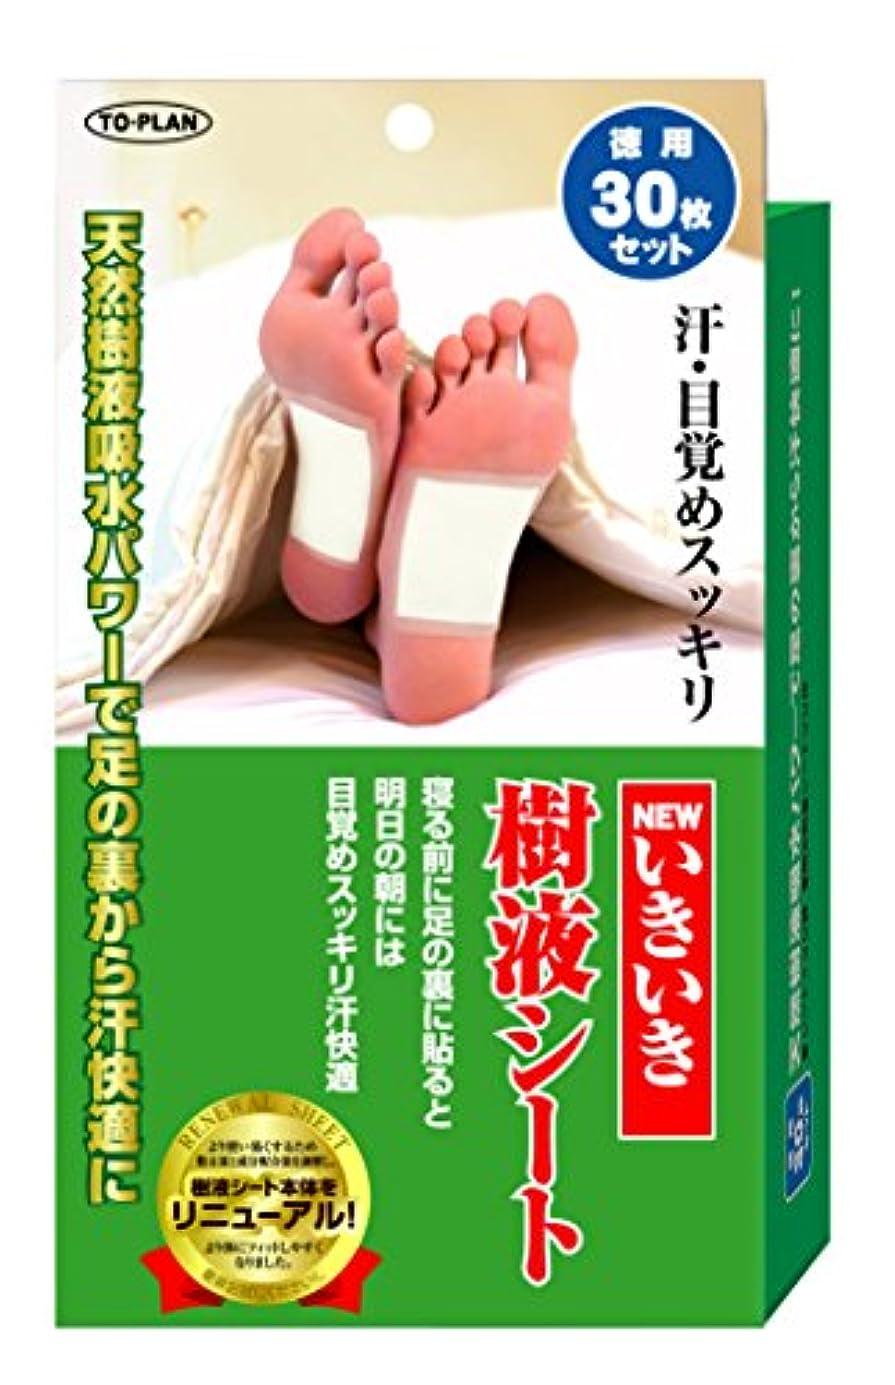 品種ビーム読書をする東京企画販売 NEWいきいき樹液シート30枚入 単品